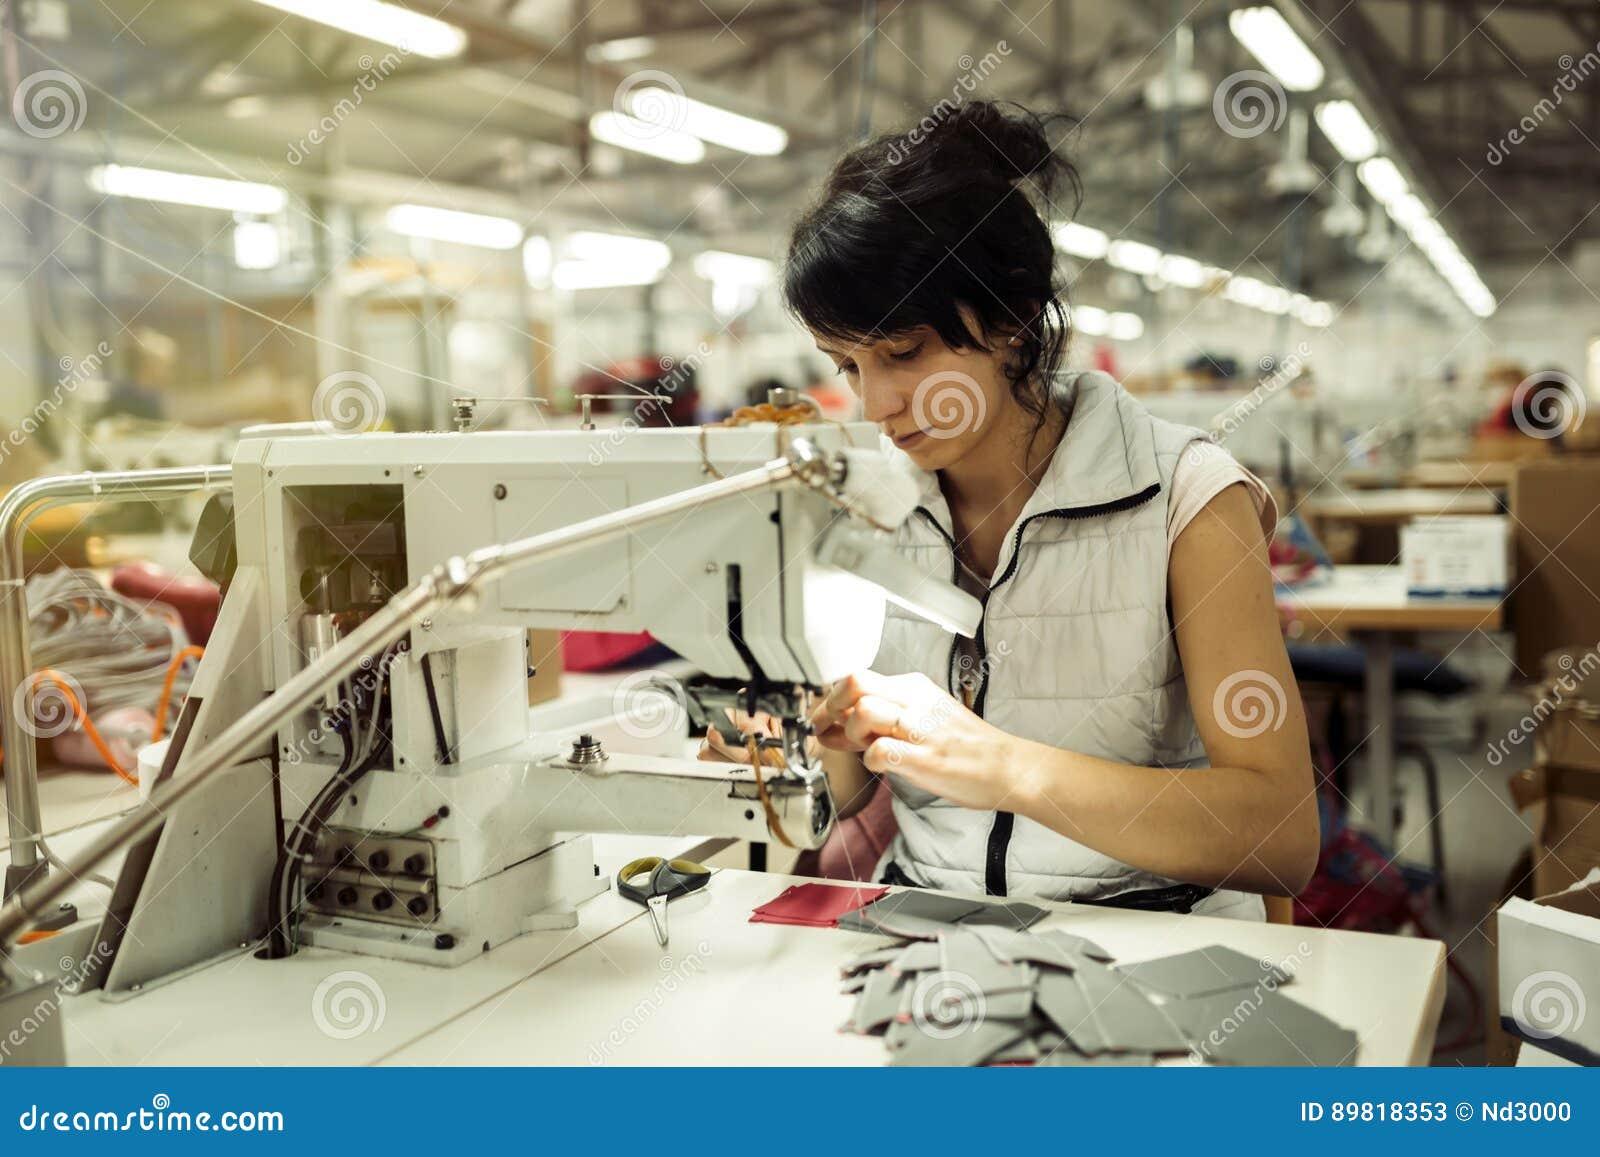 Lavoratore nel cucito di industria tessile